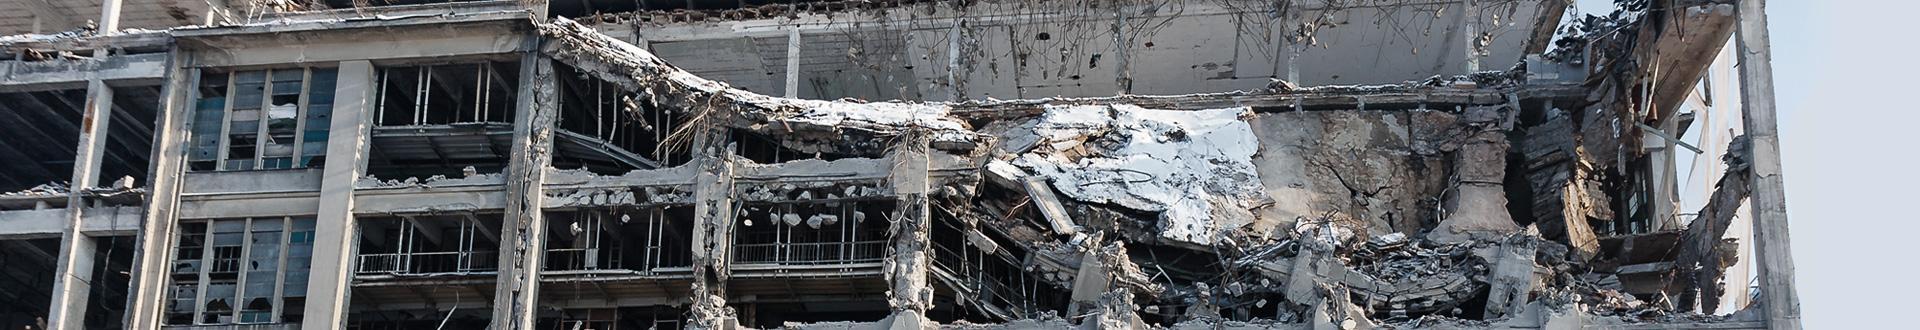 Budynek w trakcie rozbiórki